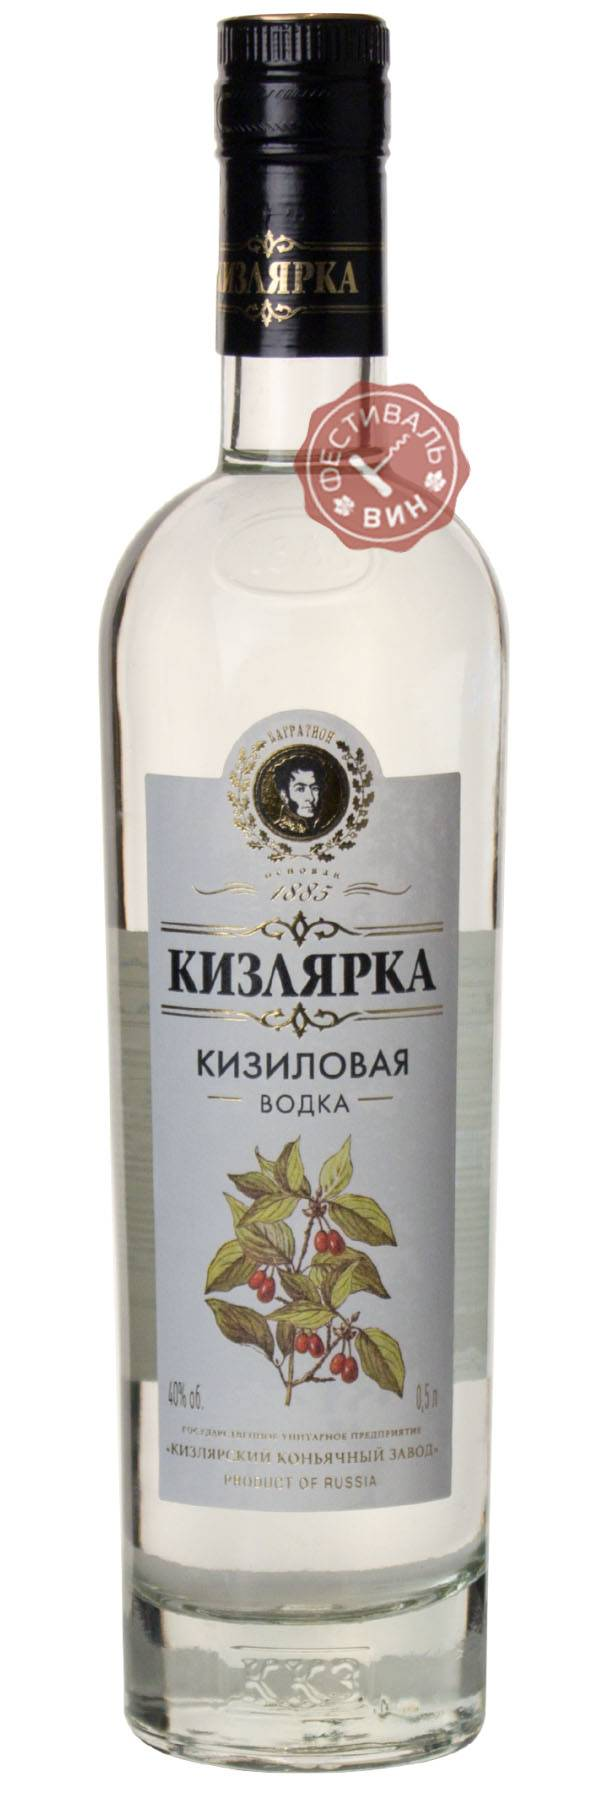 Что представляет собой виноградная водка? разновидности и технология производства | про самогон и другие напитки ? | яндекс дзен